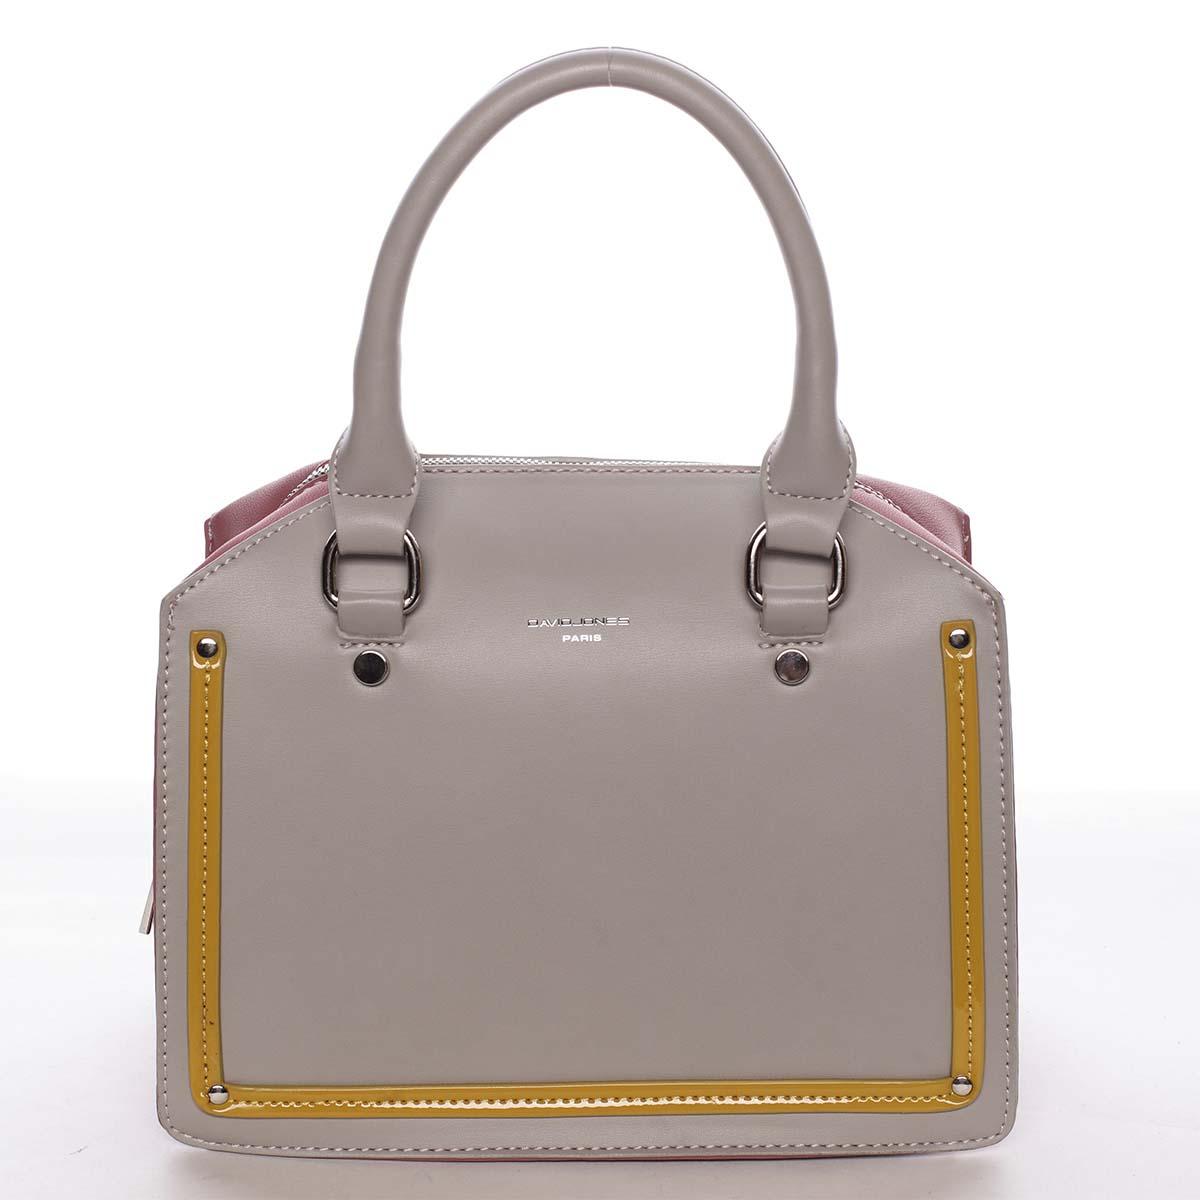 Malá originálna dámska kabelka do ruky sivá - David Jones Aglaia